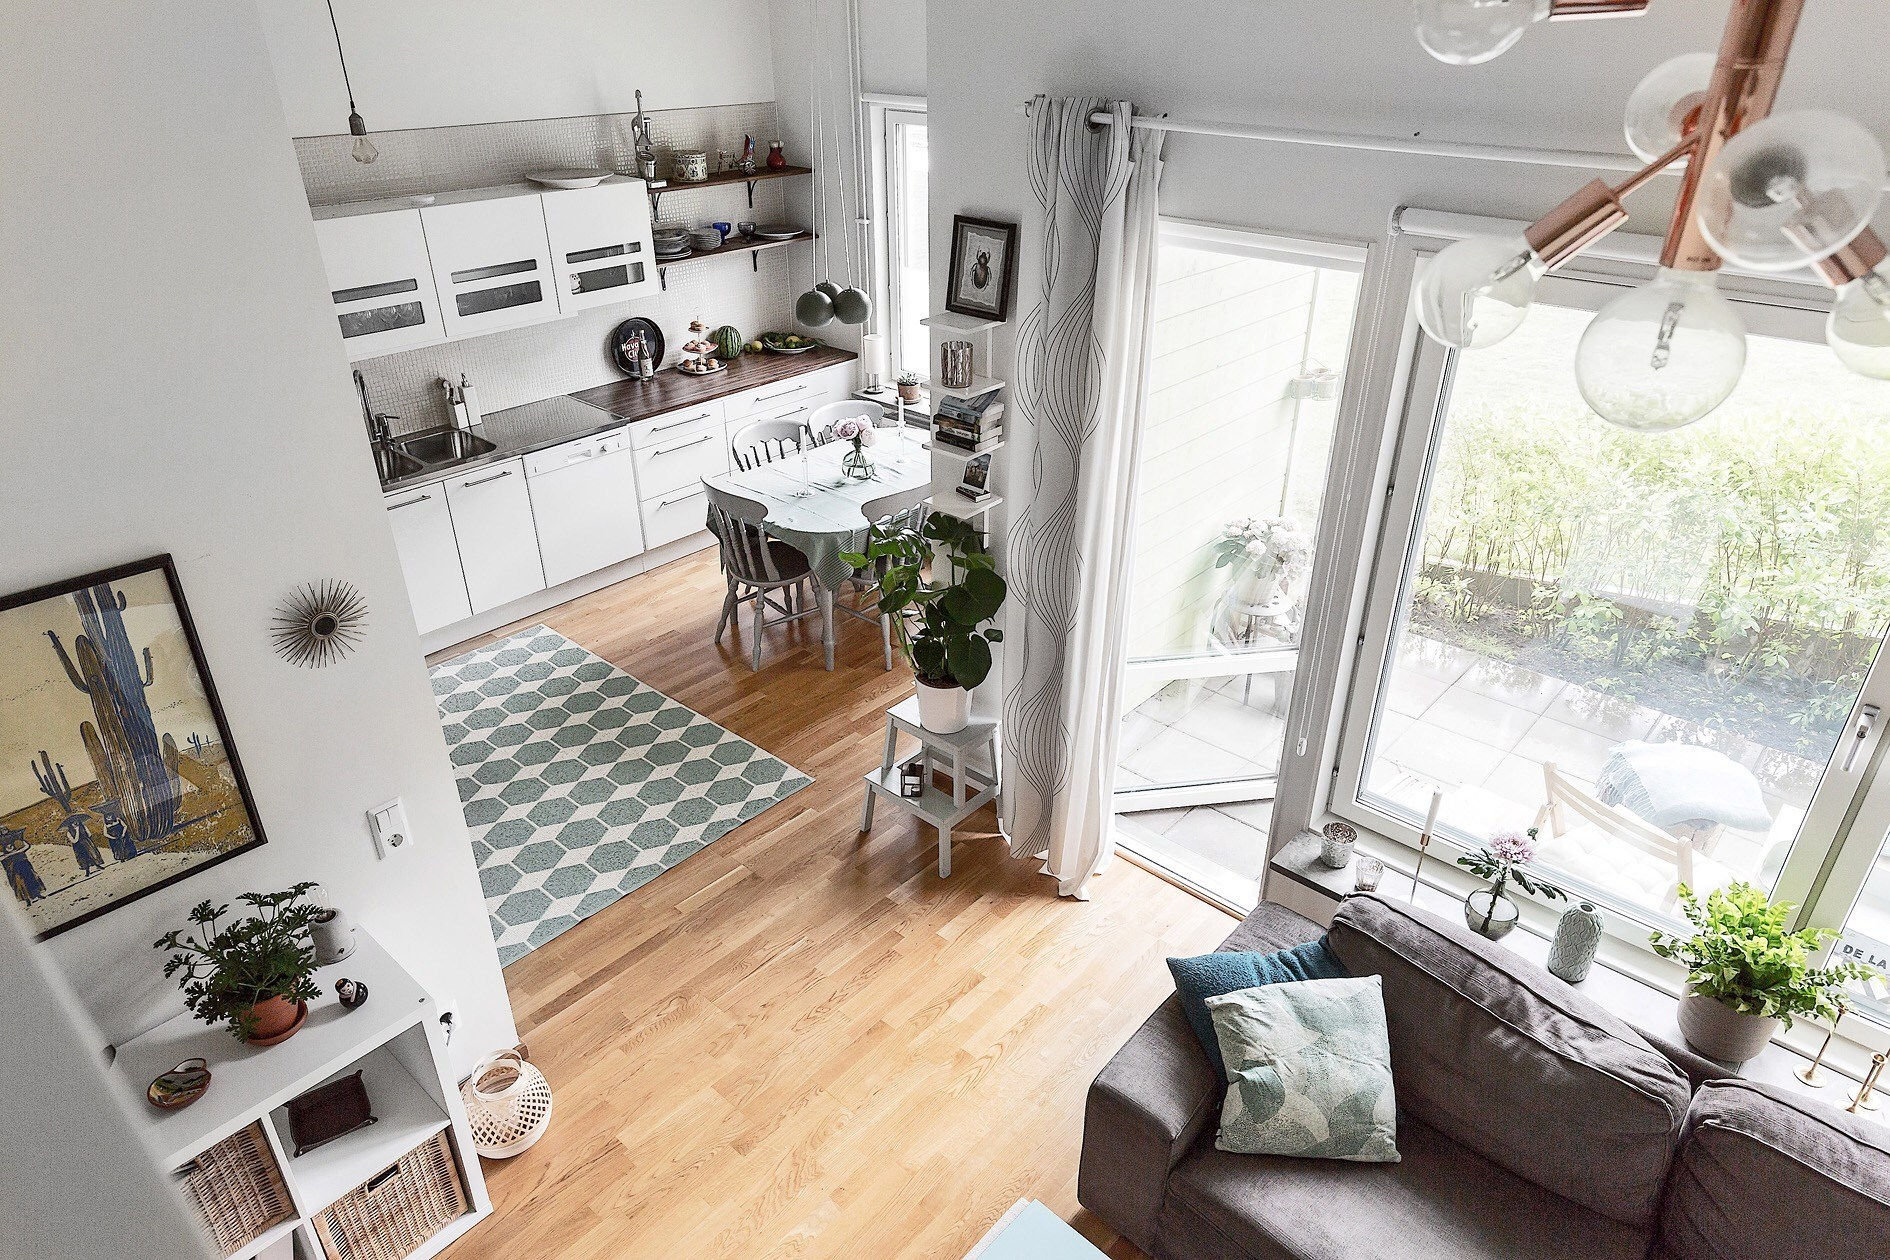 Căn hộ 40m² rộng thênh  thang với đủ các góc chức năng dành cho gia đình trẻ - Ảnh 3.